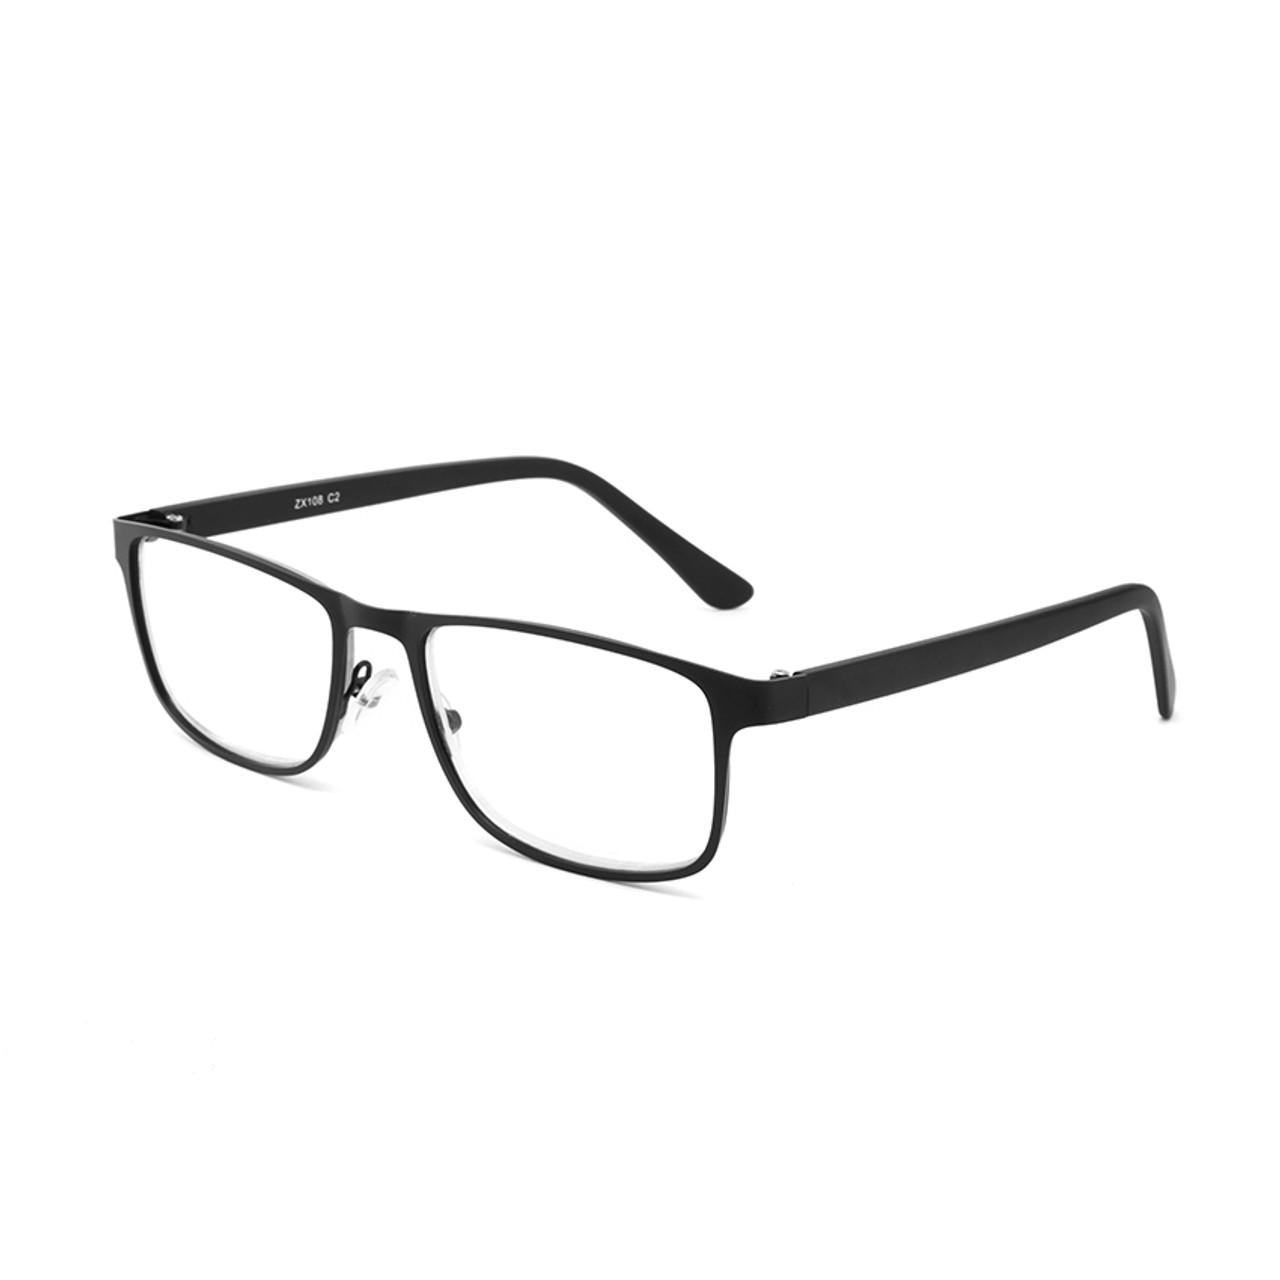 Shop for Blue Light Blocking Computer Glasses